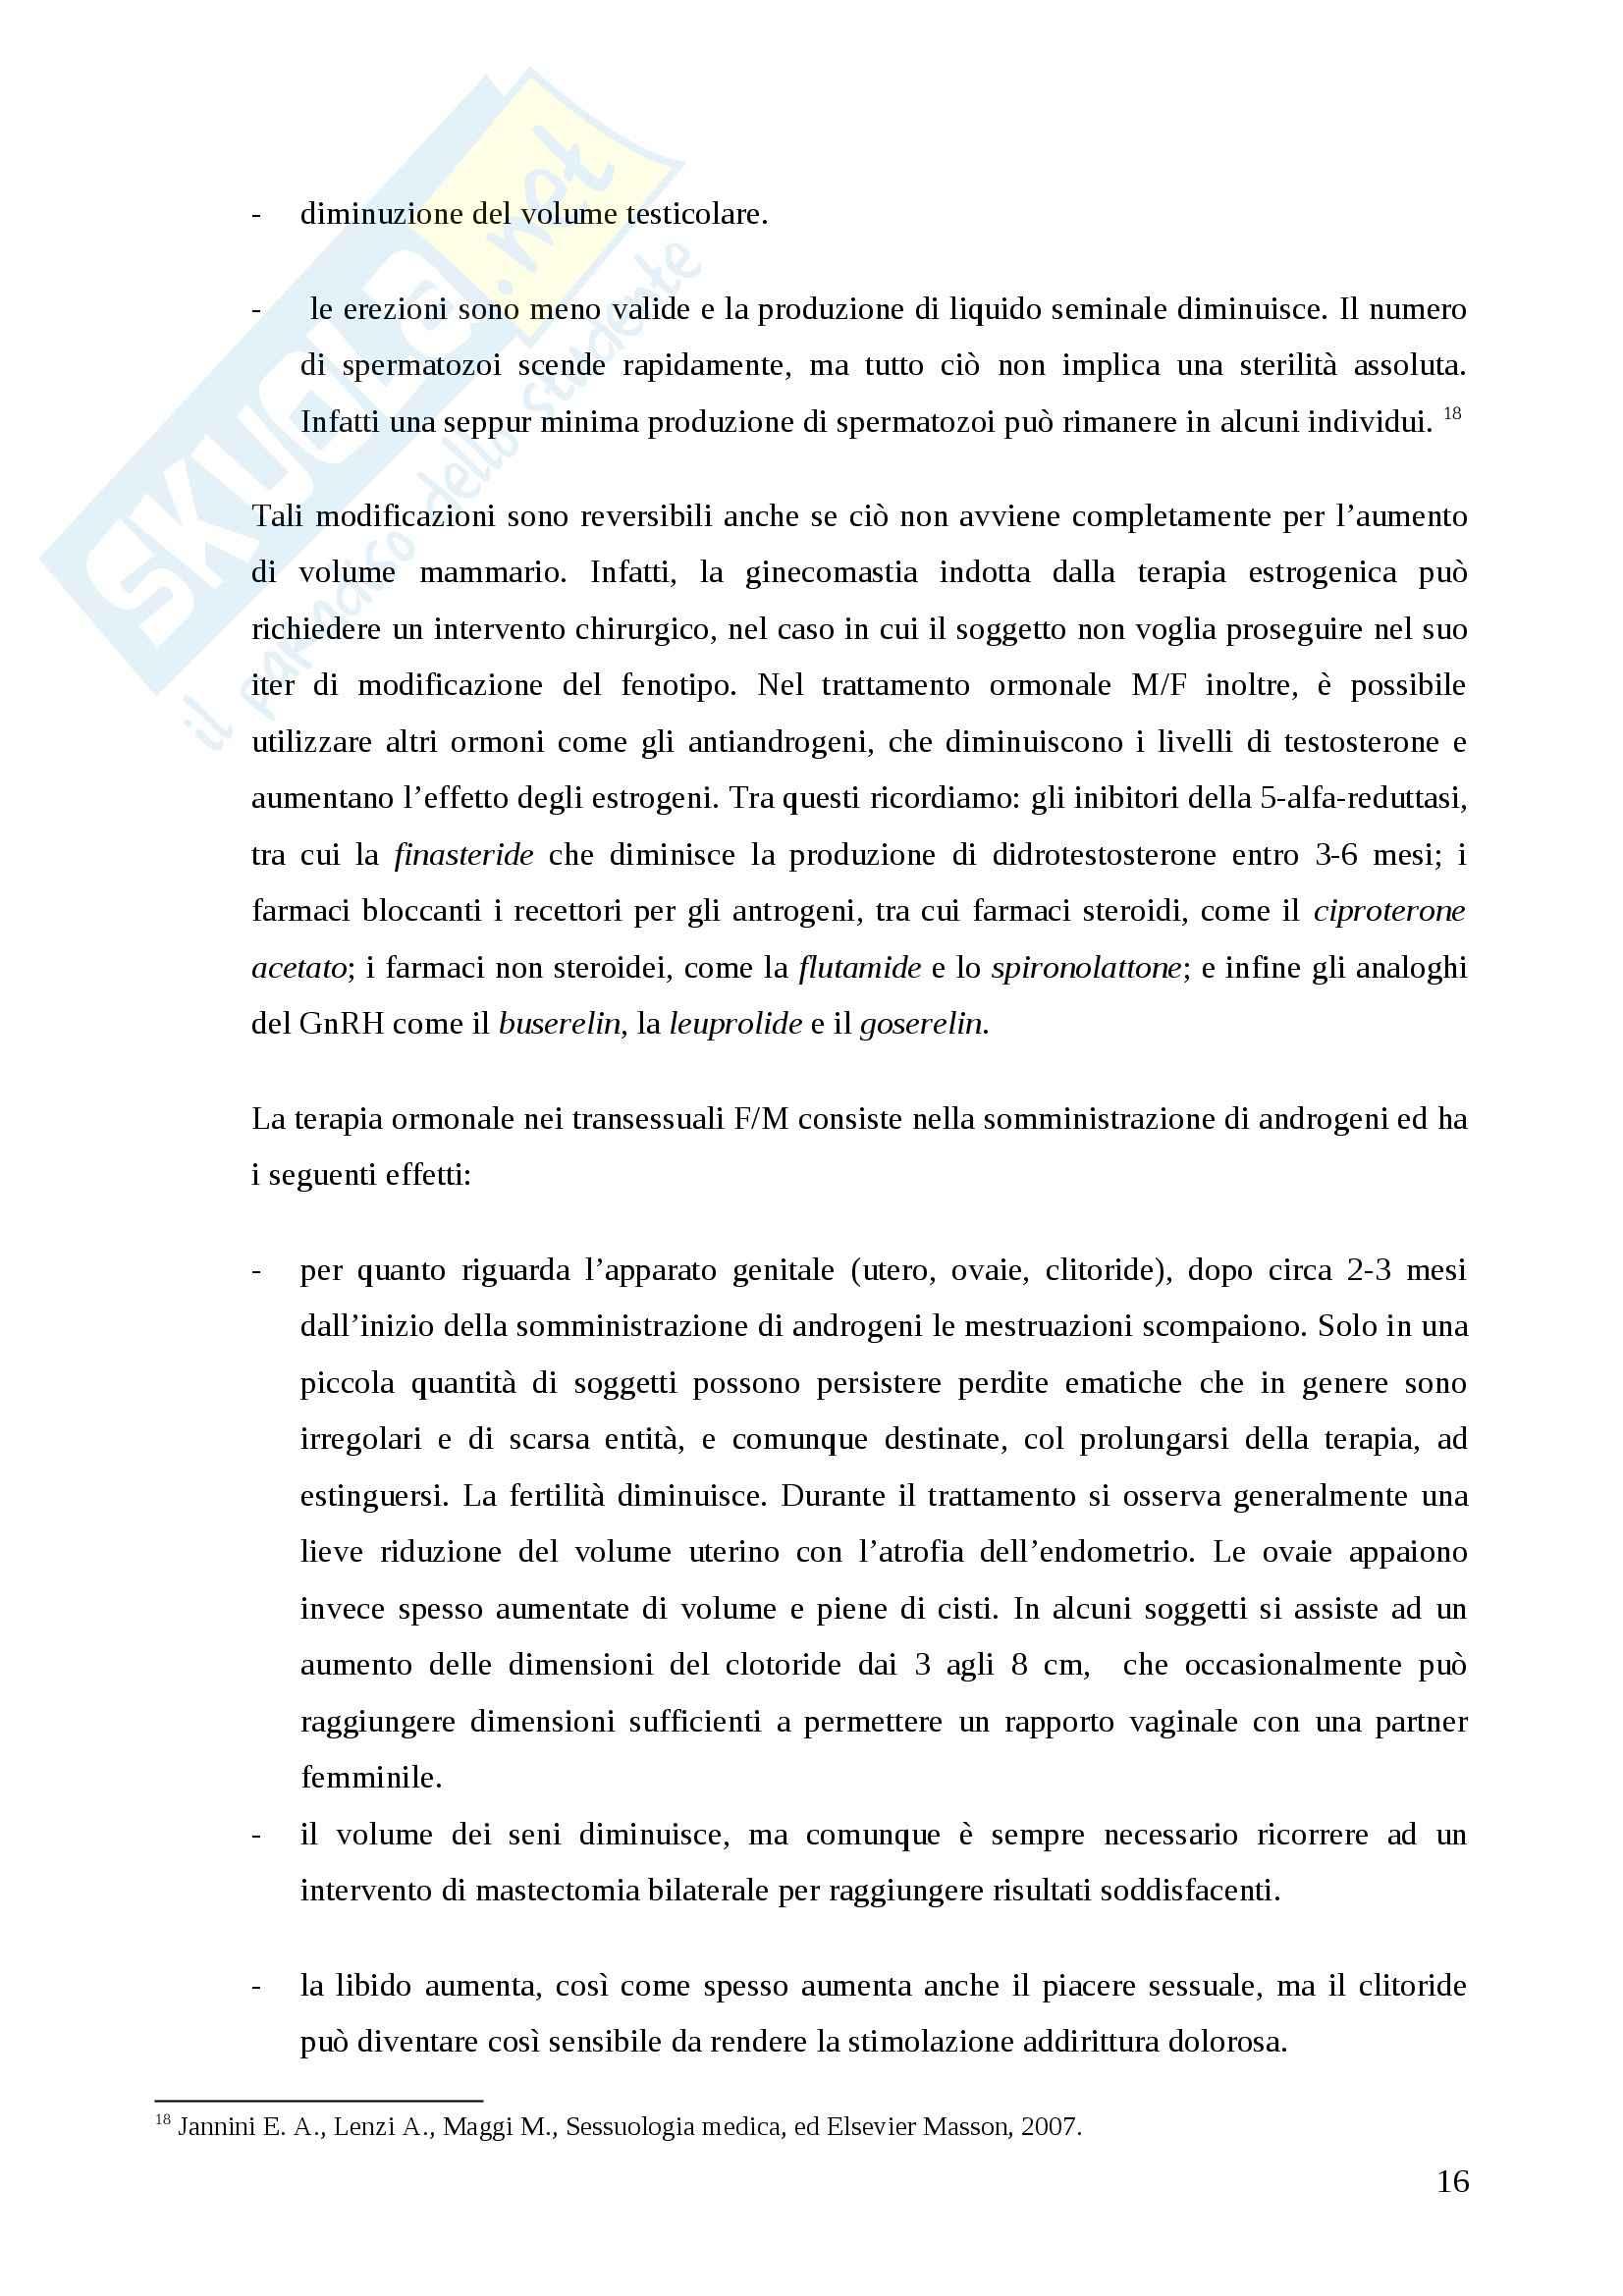 Psicopatologia del comportamento sessuale - transessualismo Pag. 16